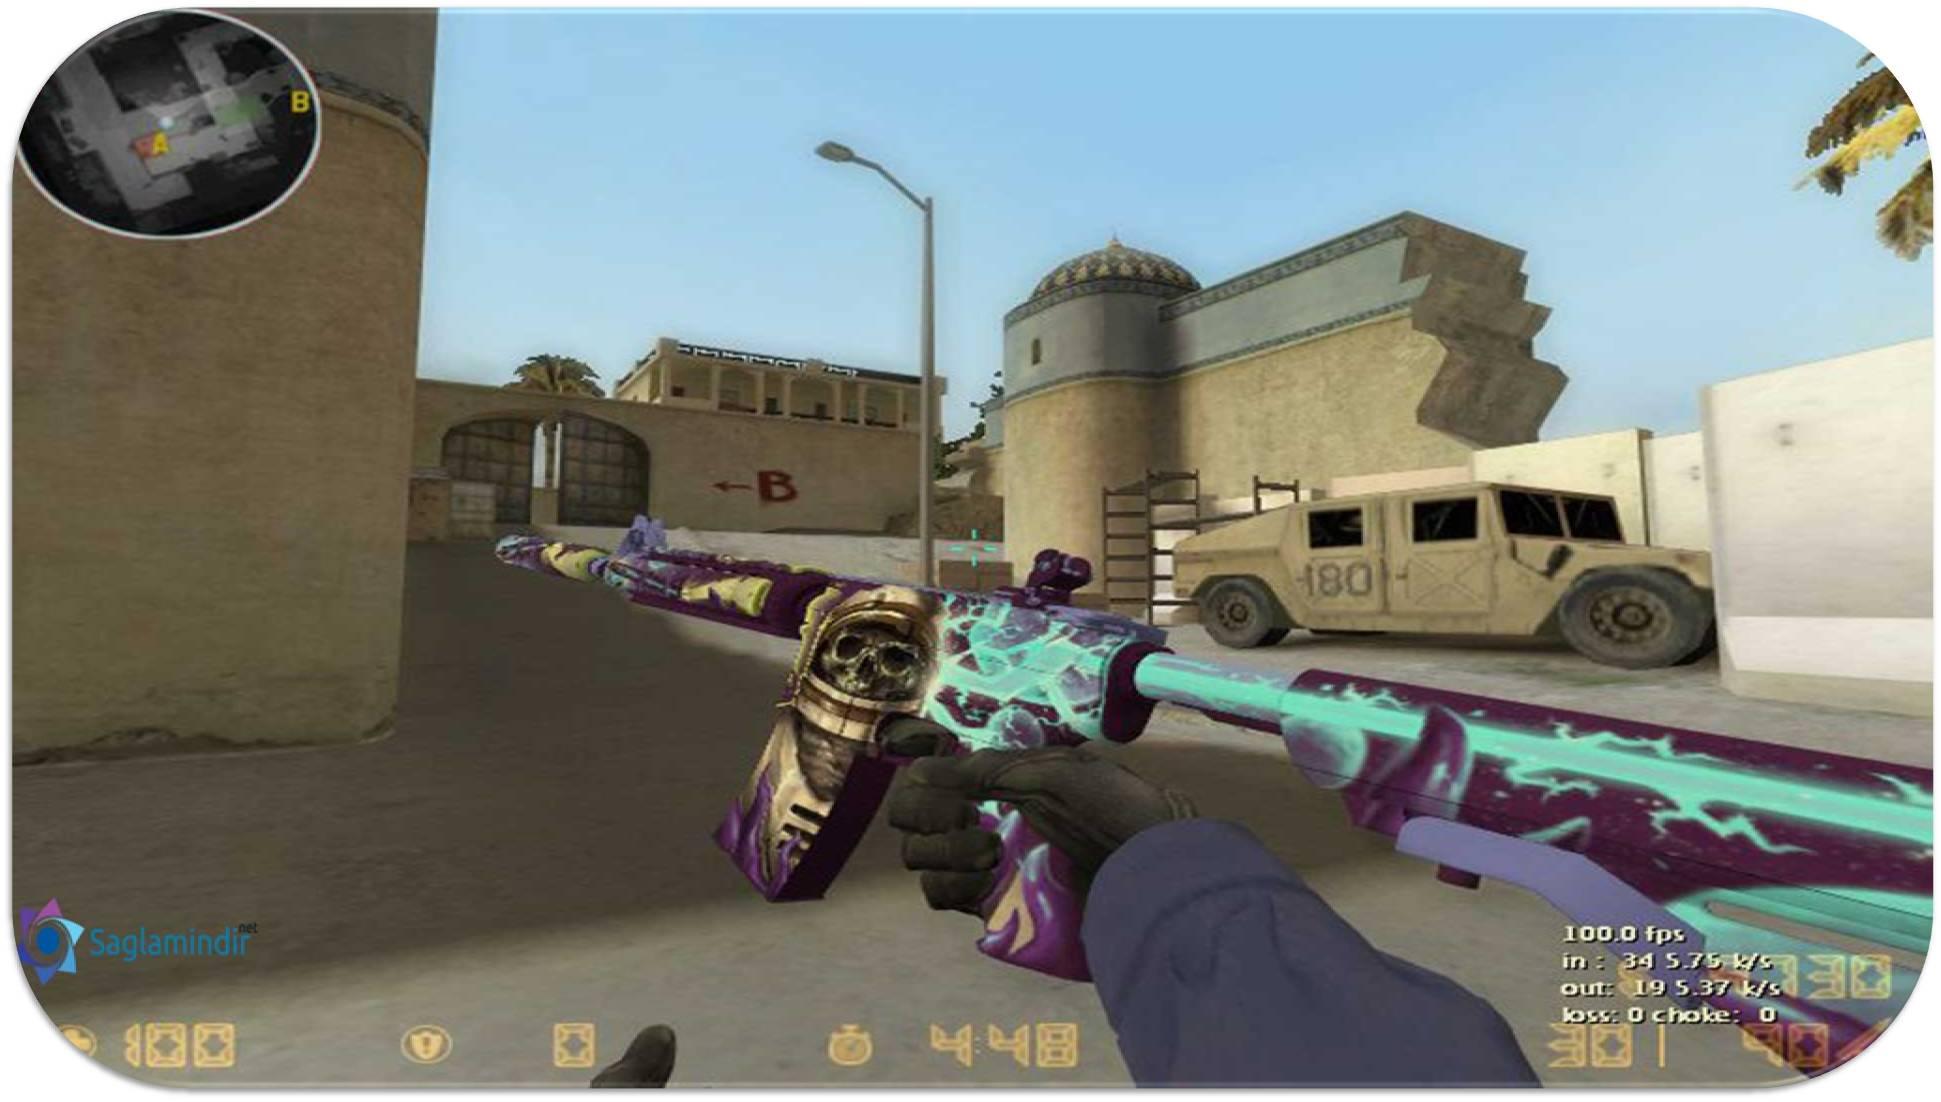 Counter Strike 1.9 saglamindir